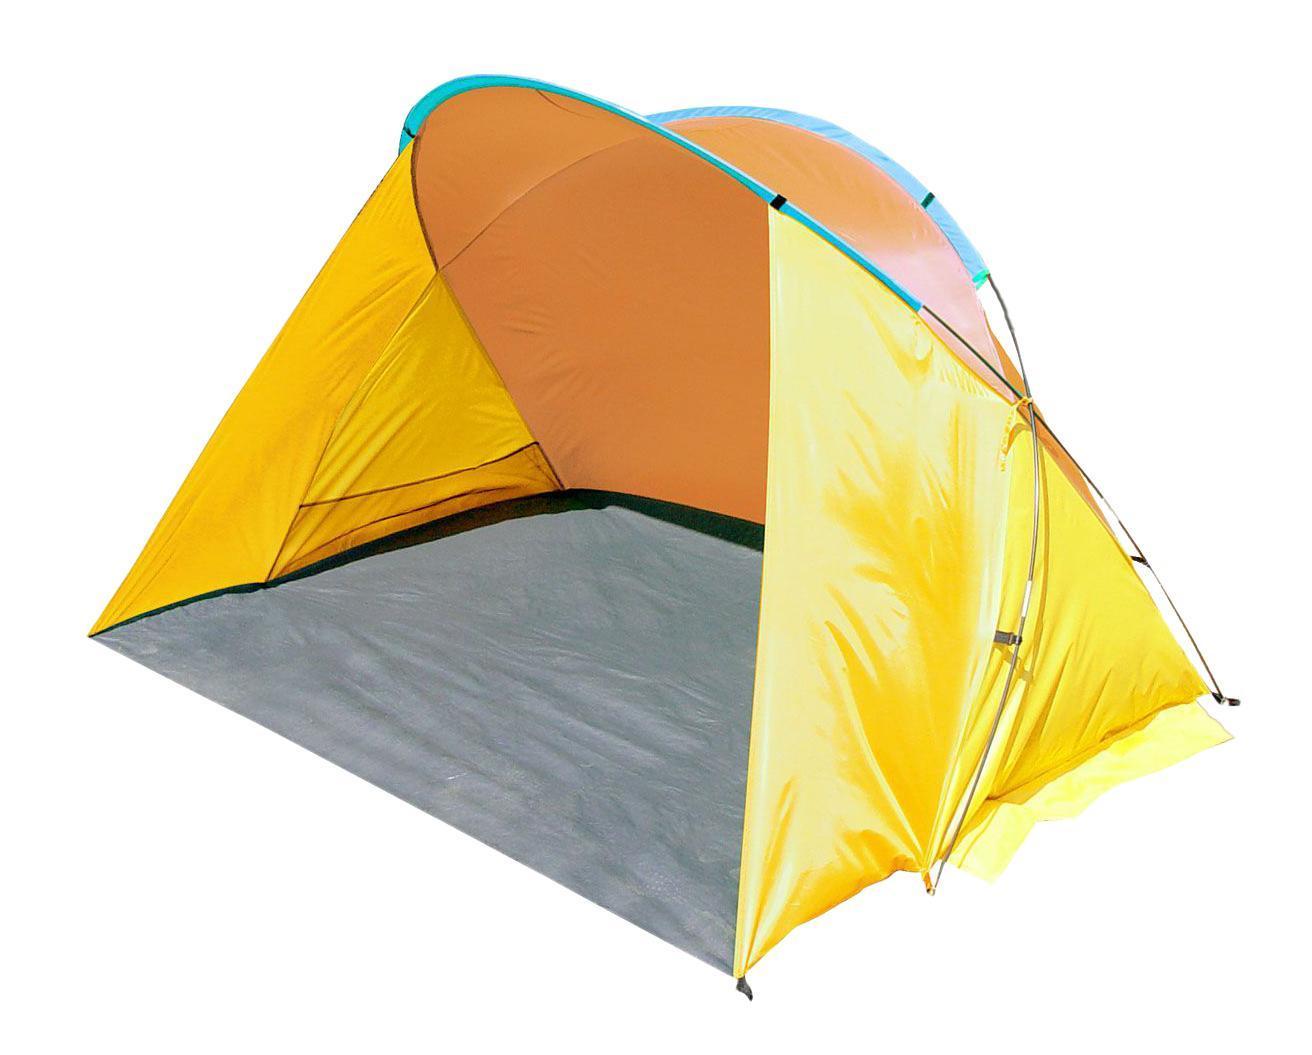 Тент пляжный TREK PLANET Miami Beach, цвет: желтый, оранжевый, 200 см х 150 см х 125 см70256Однослойный пляжный тент TREK PLANET Miami Beach, обеспечивает защиту от солнца, ветра и даже легких осадков - особенно полезен для очень маленьких детей. Очень прост в установке, имеет малый вес и удобный чехол с ручкой для переноски. Особенности модели: - Простая и быстрая установка - Тент палатки из полиэстера, с пропиткой PU водостойкостью 800 мм - Каркас выполнен из прочного стекловолокна - Дно изготовлено из прочного армированного полиэтилена - Утяжеляющие карманы для песка для устойчивости тента - Карманы для мелочей по бокам тента - Растяжки и колышки в комплекте.